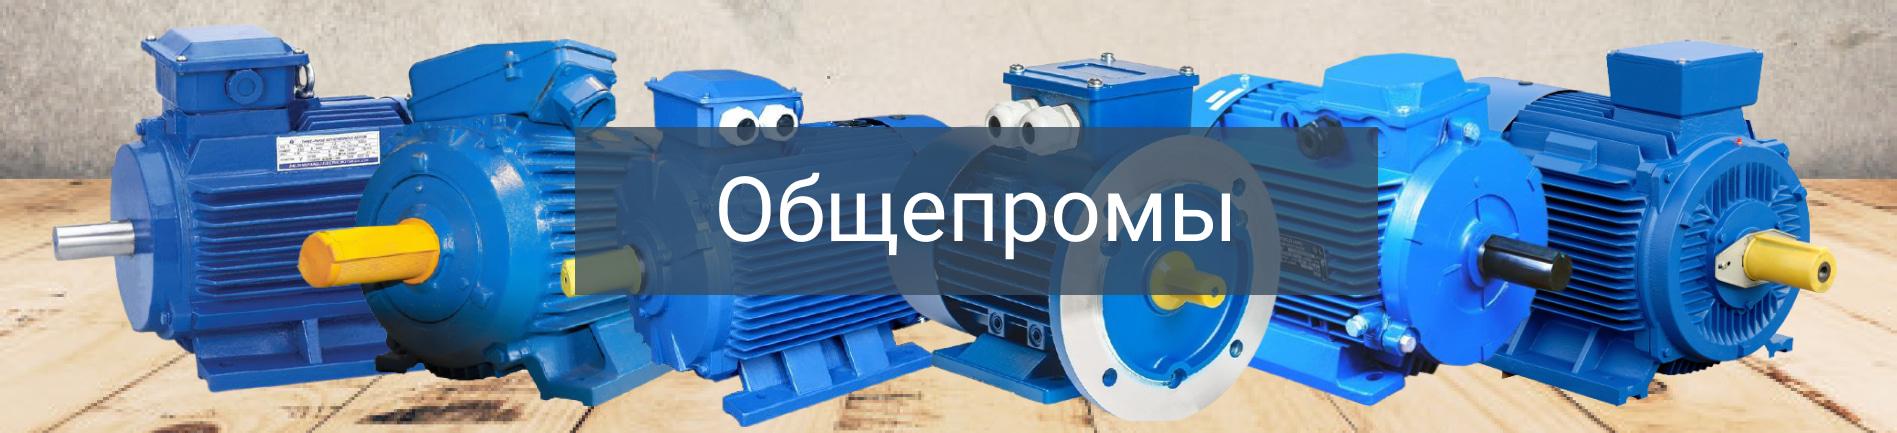 Взрывозащищенные электродвигатели 160 квт